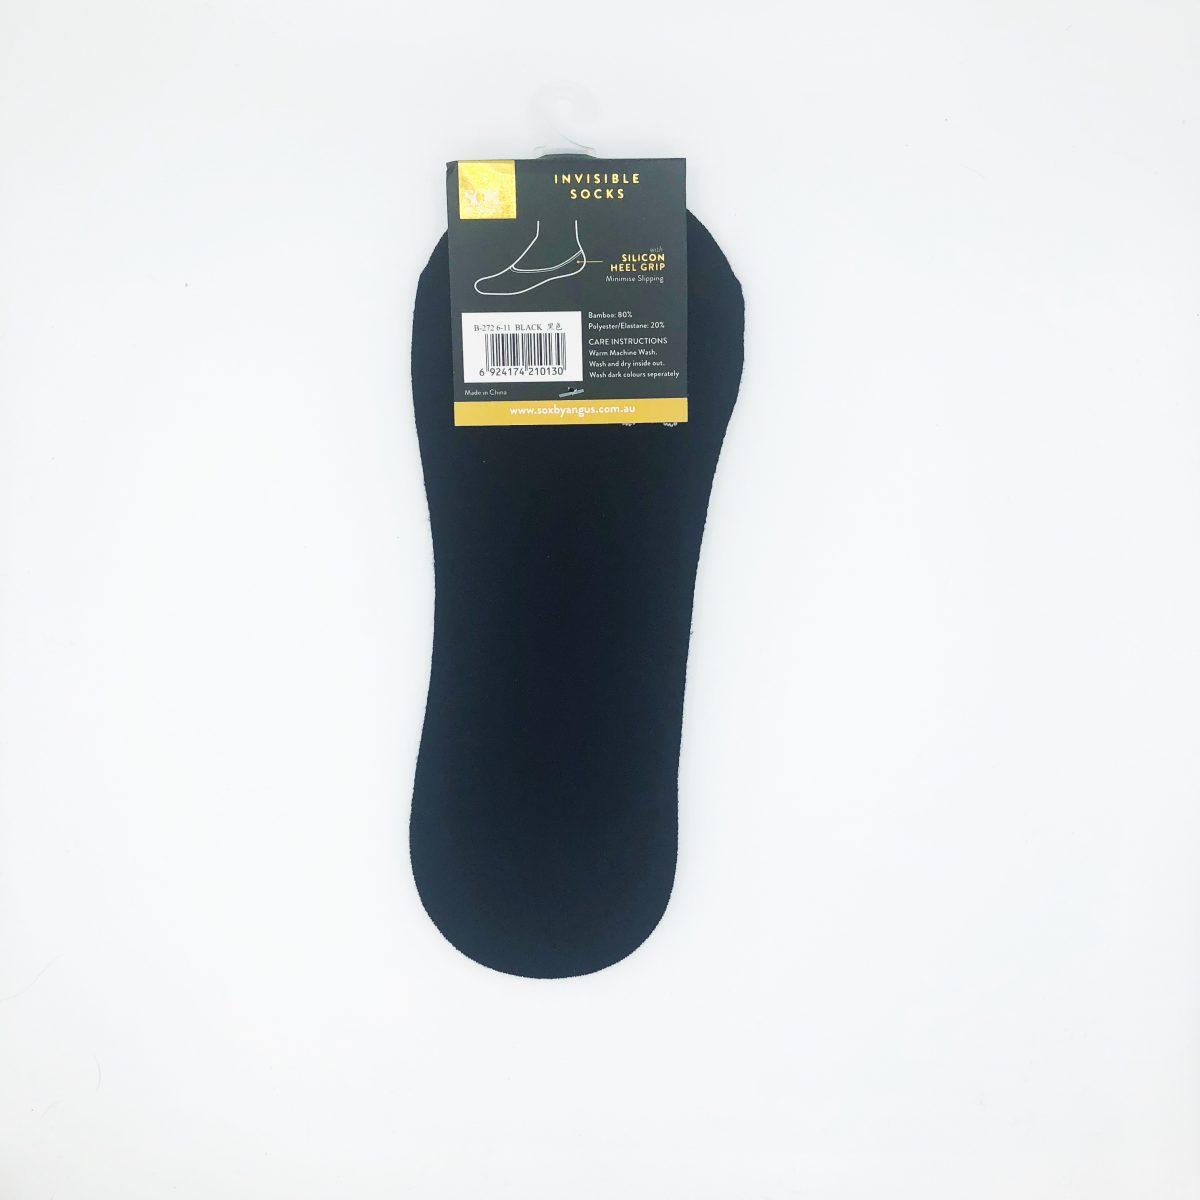 Bamboo invisible socks-medium cut-Black